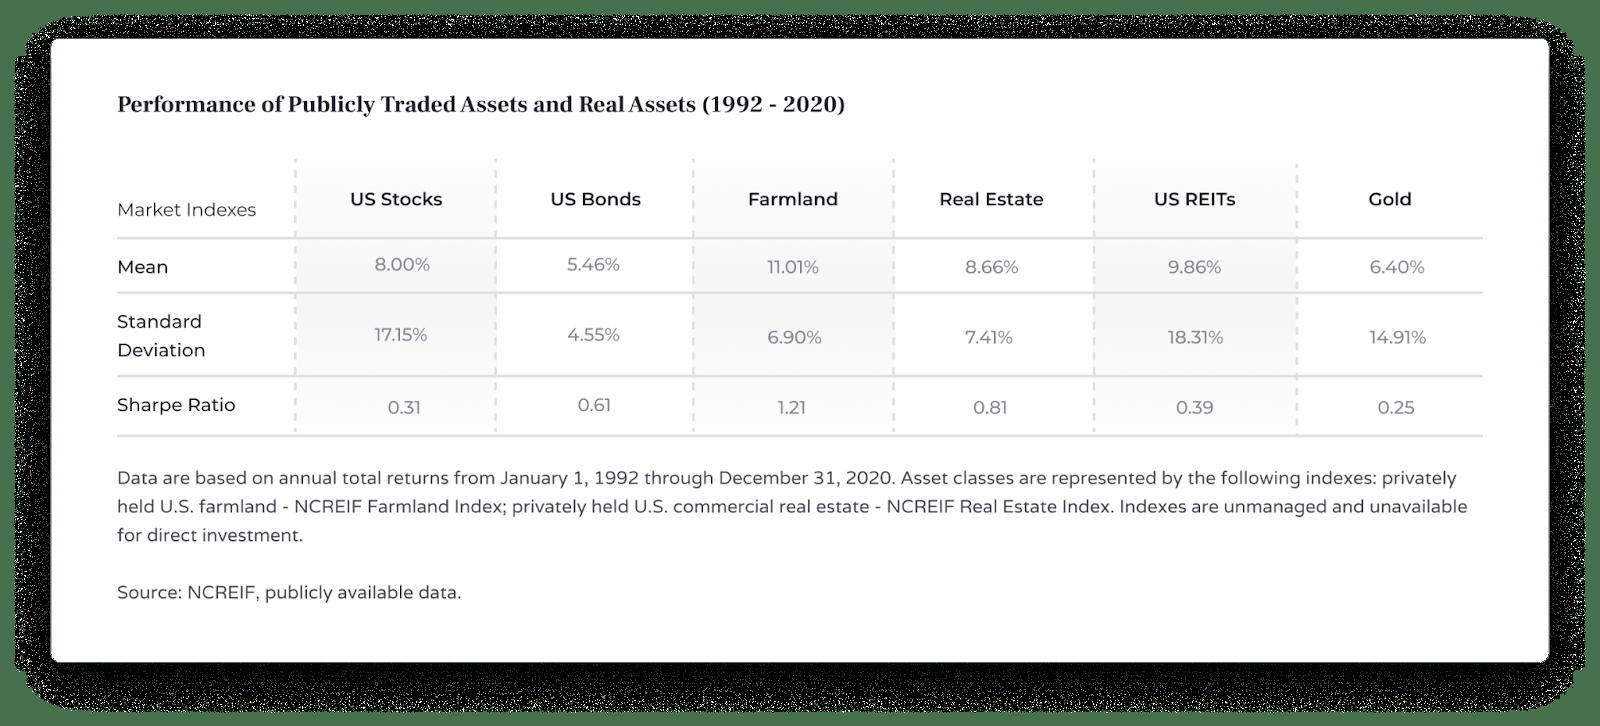 performance des actions, des obligations, des terres agricoles, de l'immobilier, des REIT américains, de l'or et du ratio Sharp